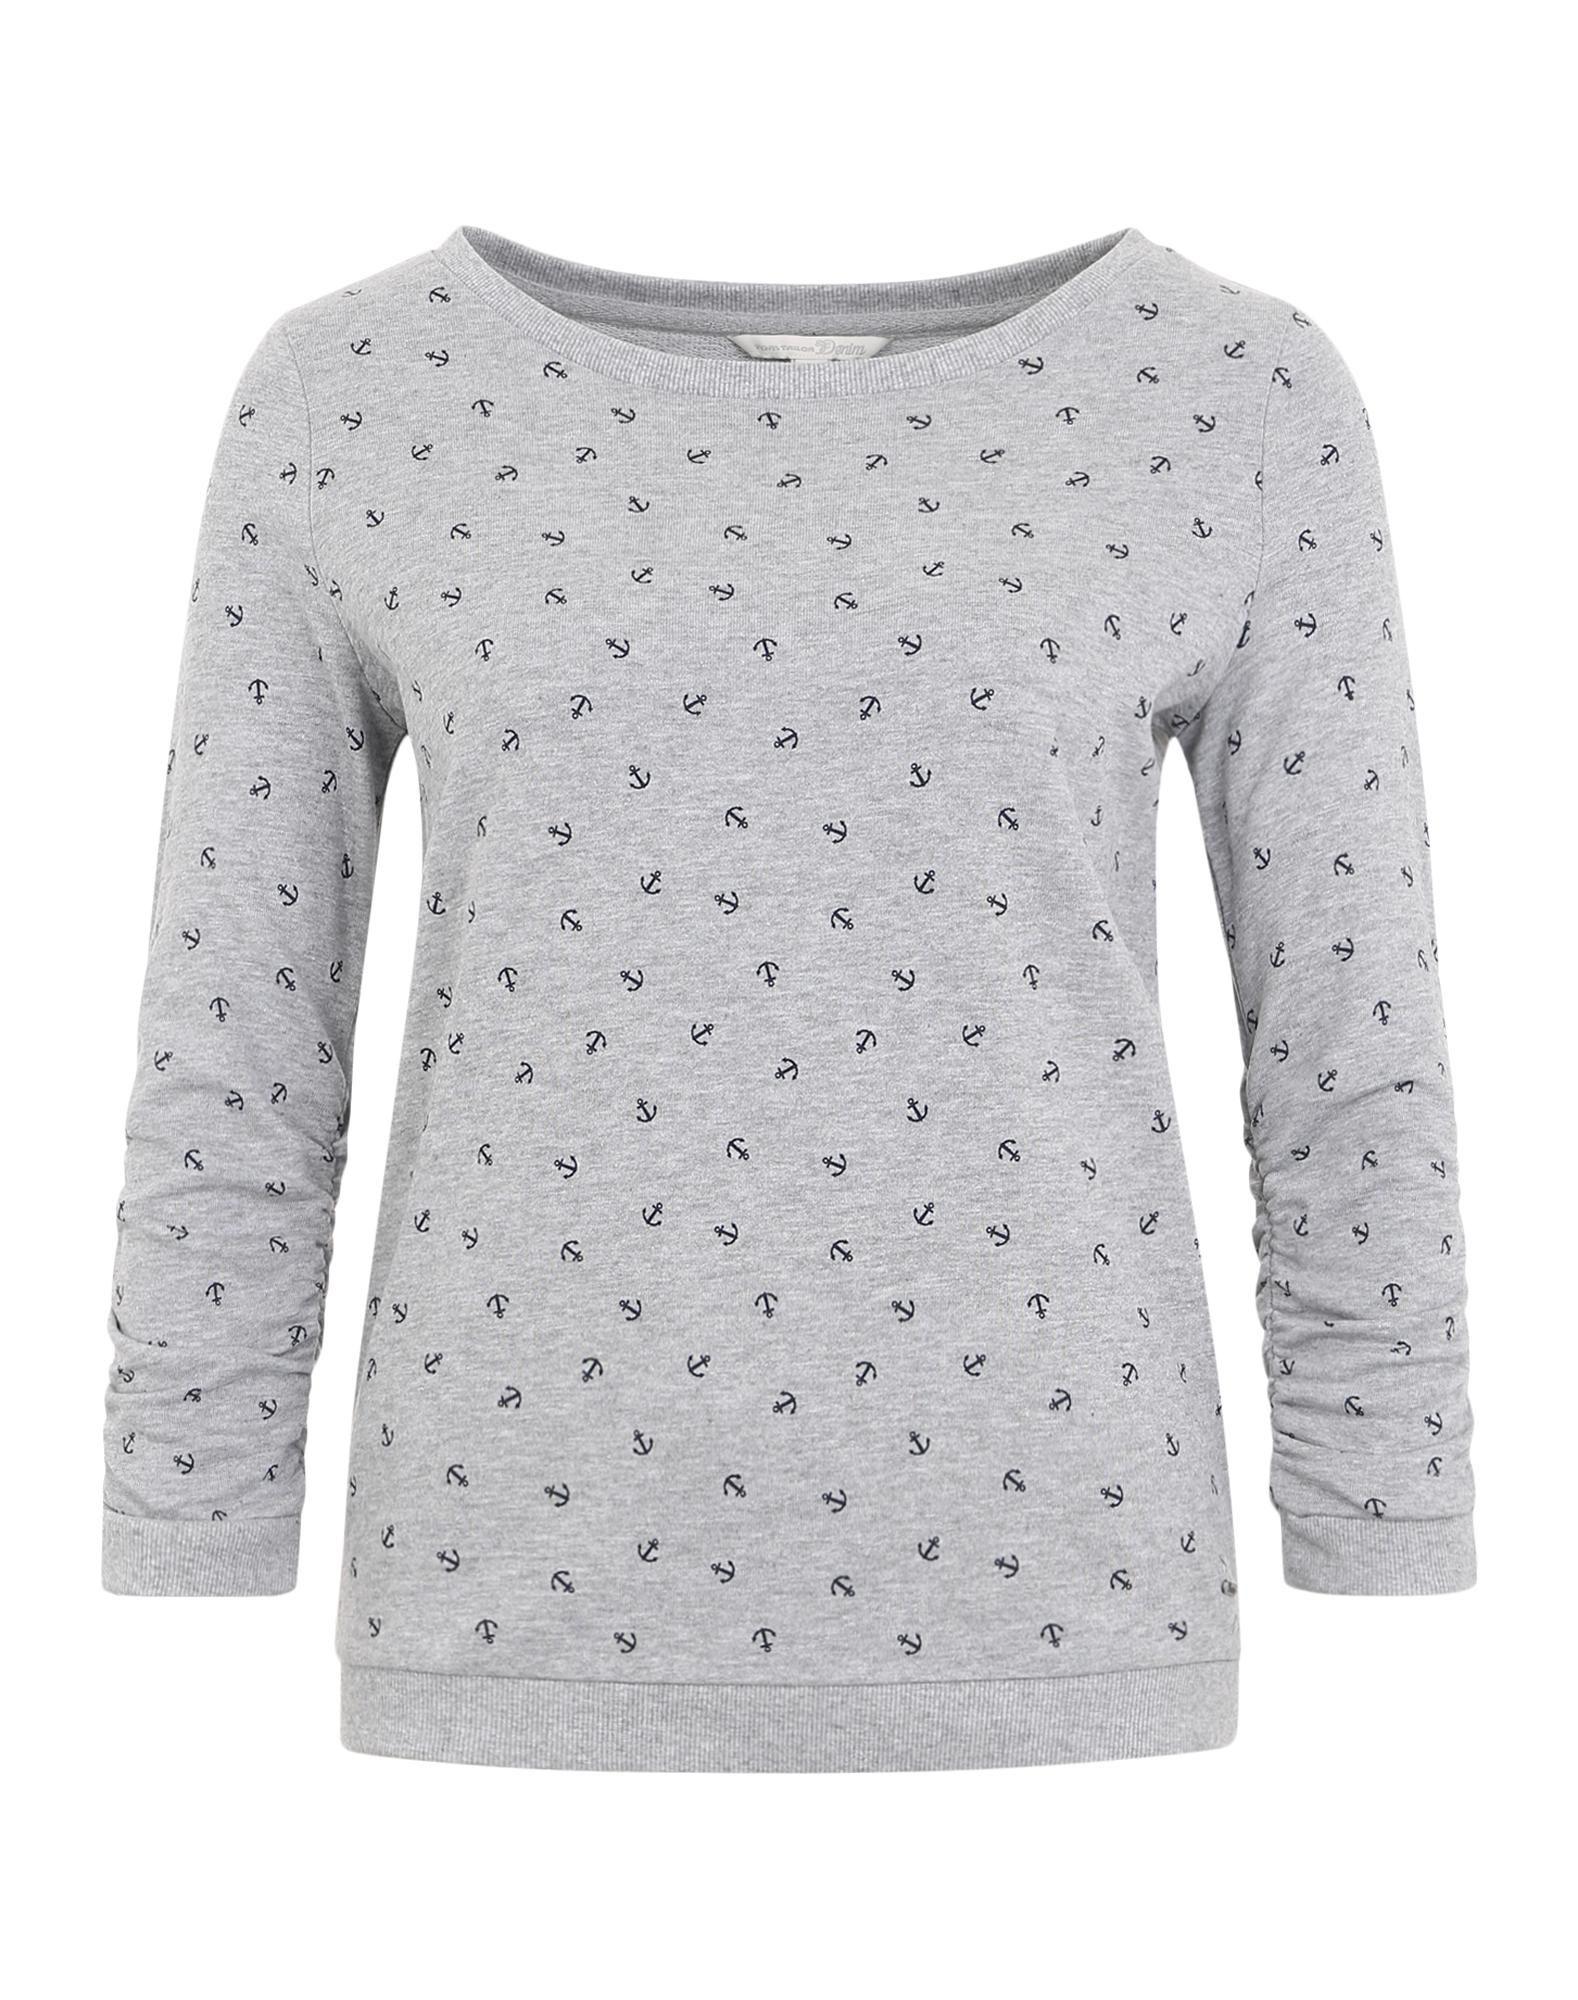 TOM TAILOR DENIM Sweatshirt mit gerafften Ärmeln in Graumeliert bei ABOUT YOU bestellen. ✓Versandkostenfrei ✓Zahlung auf Rechnung ✓kostenlose Retoure